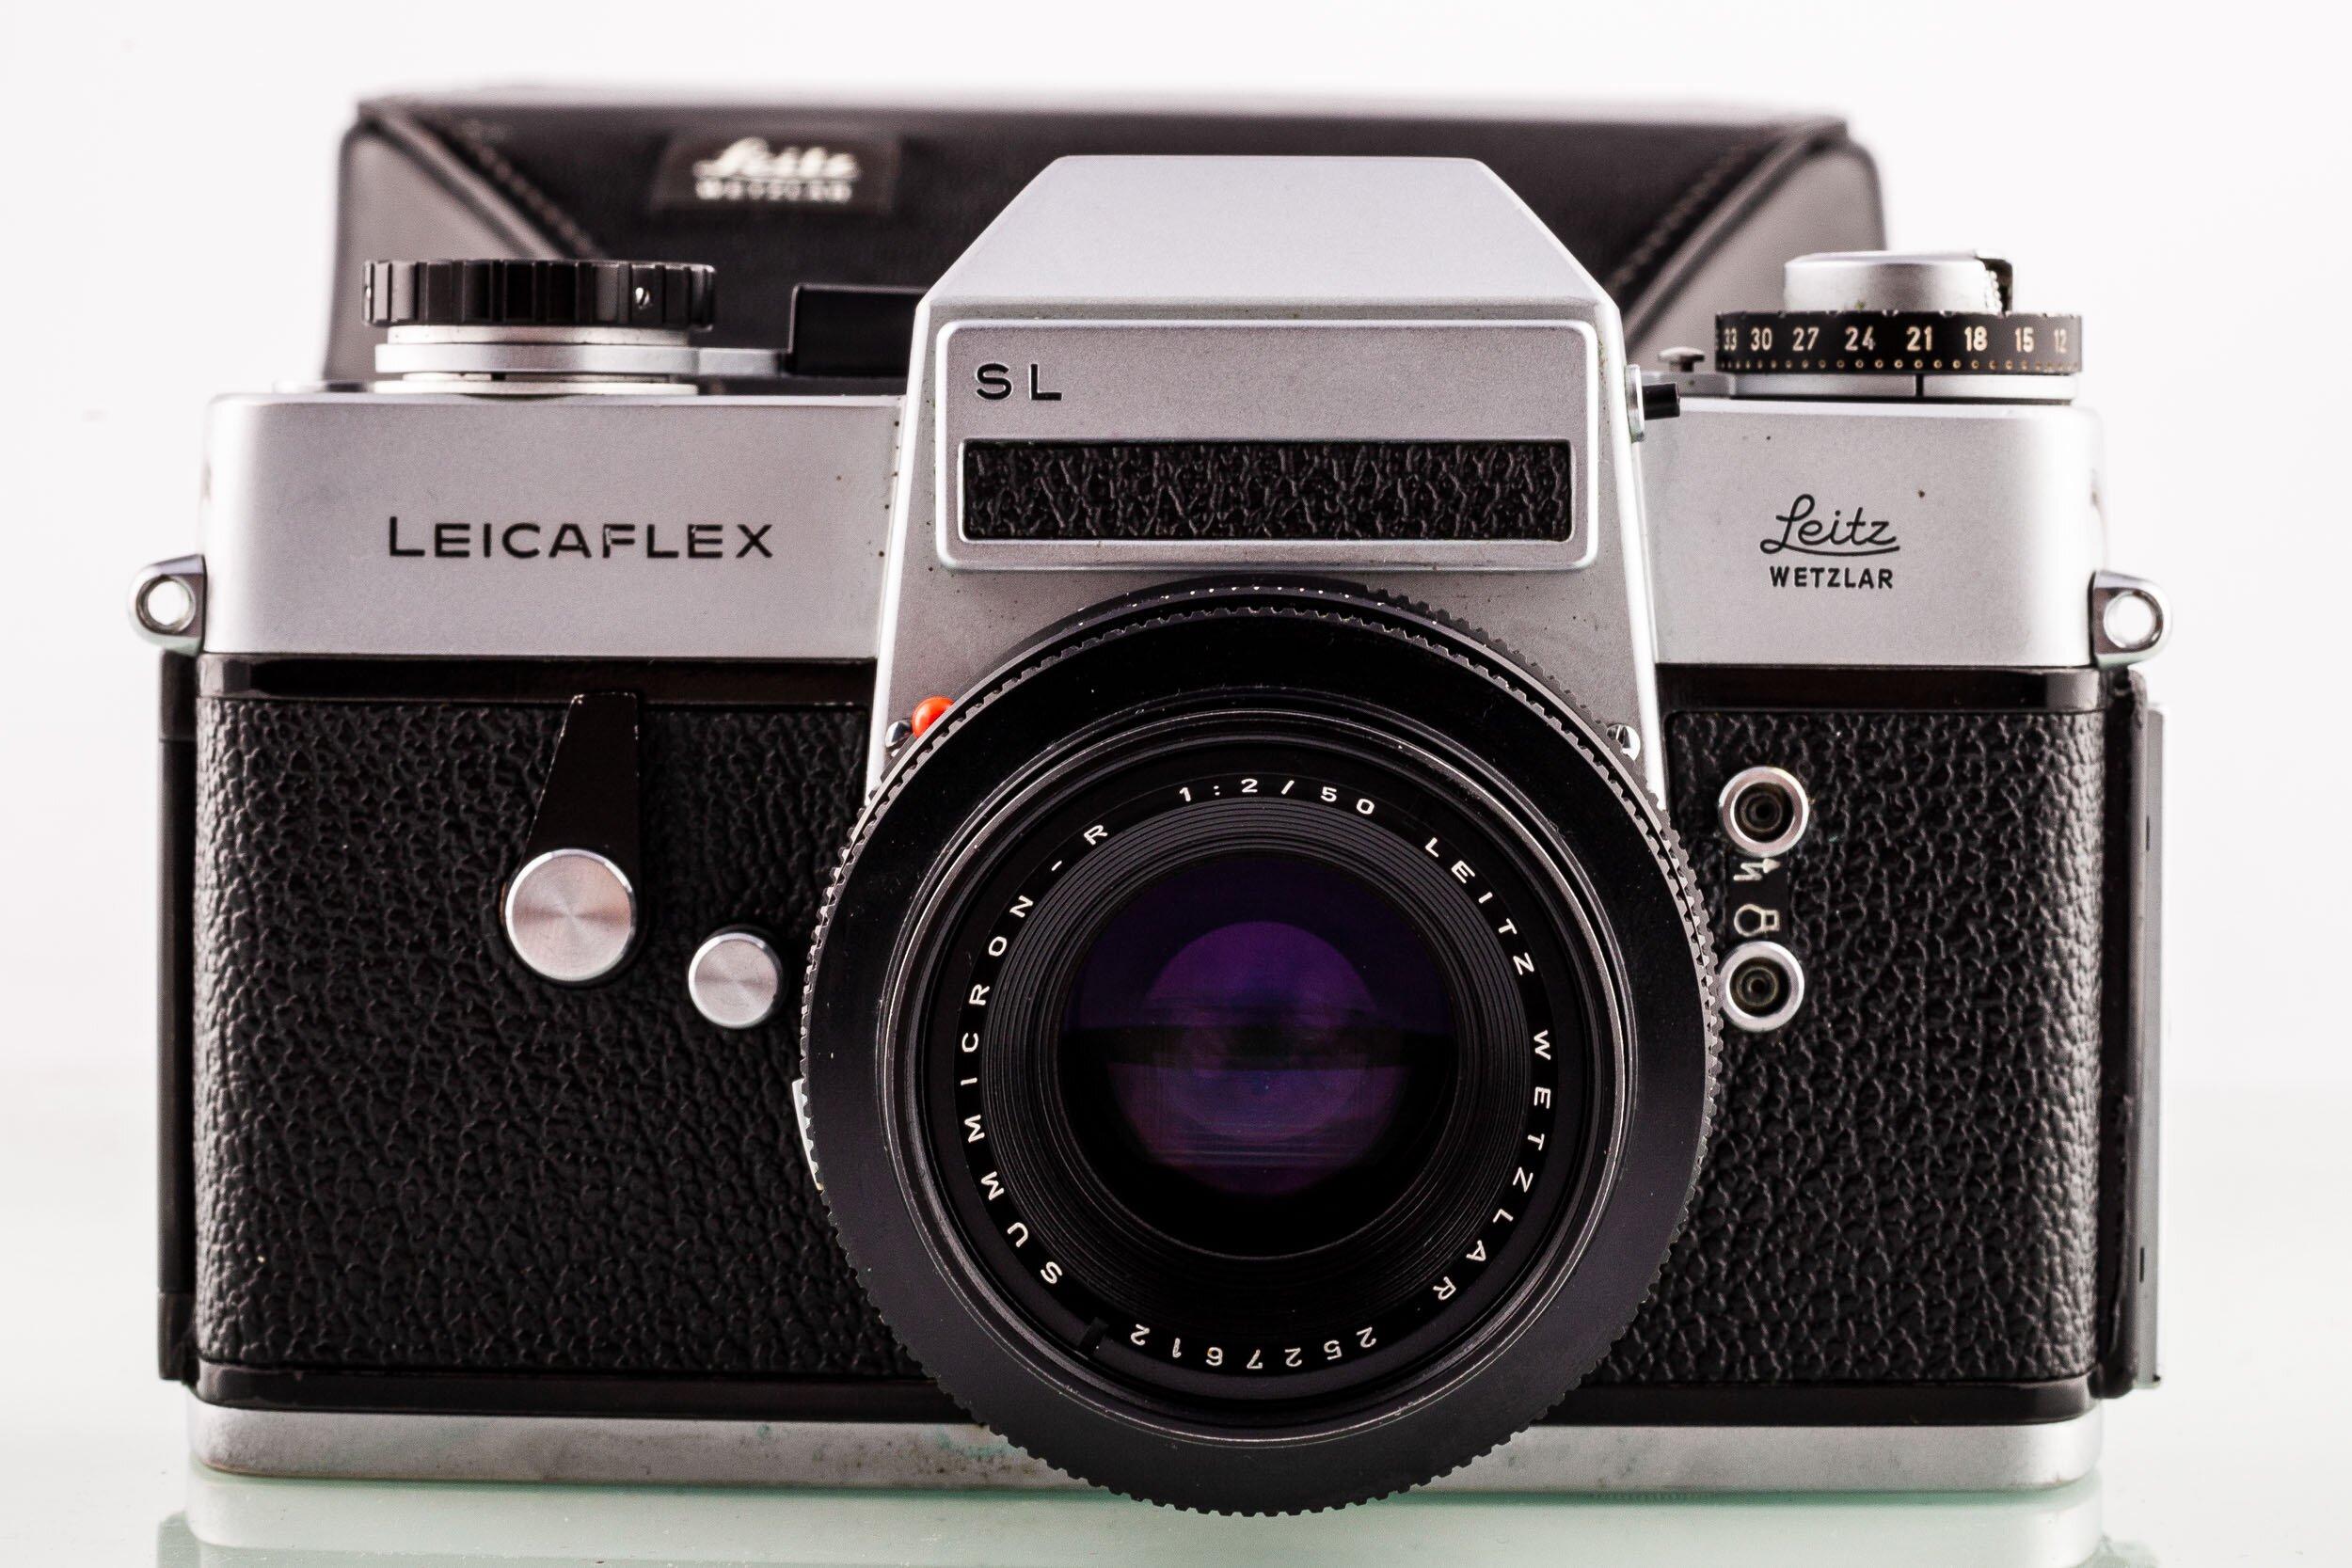 Leicaflex SL body + Summicron-R 2/50mm